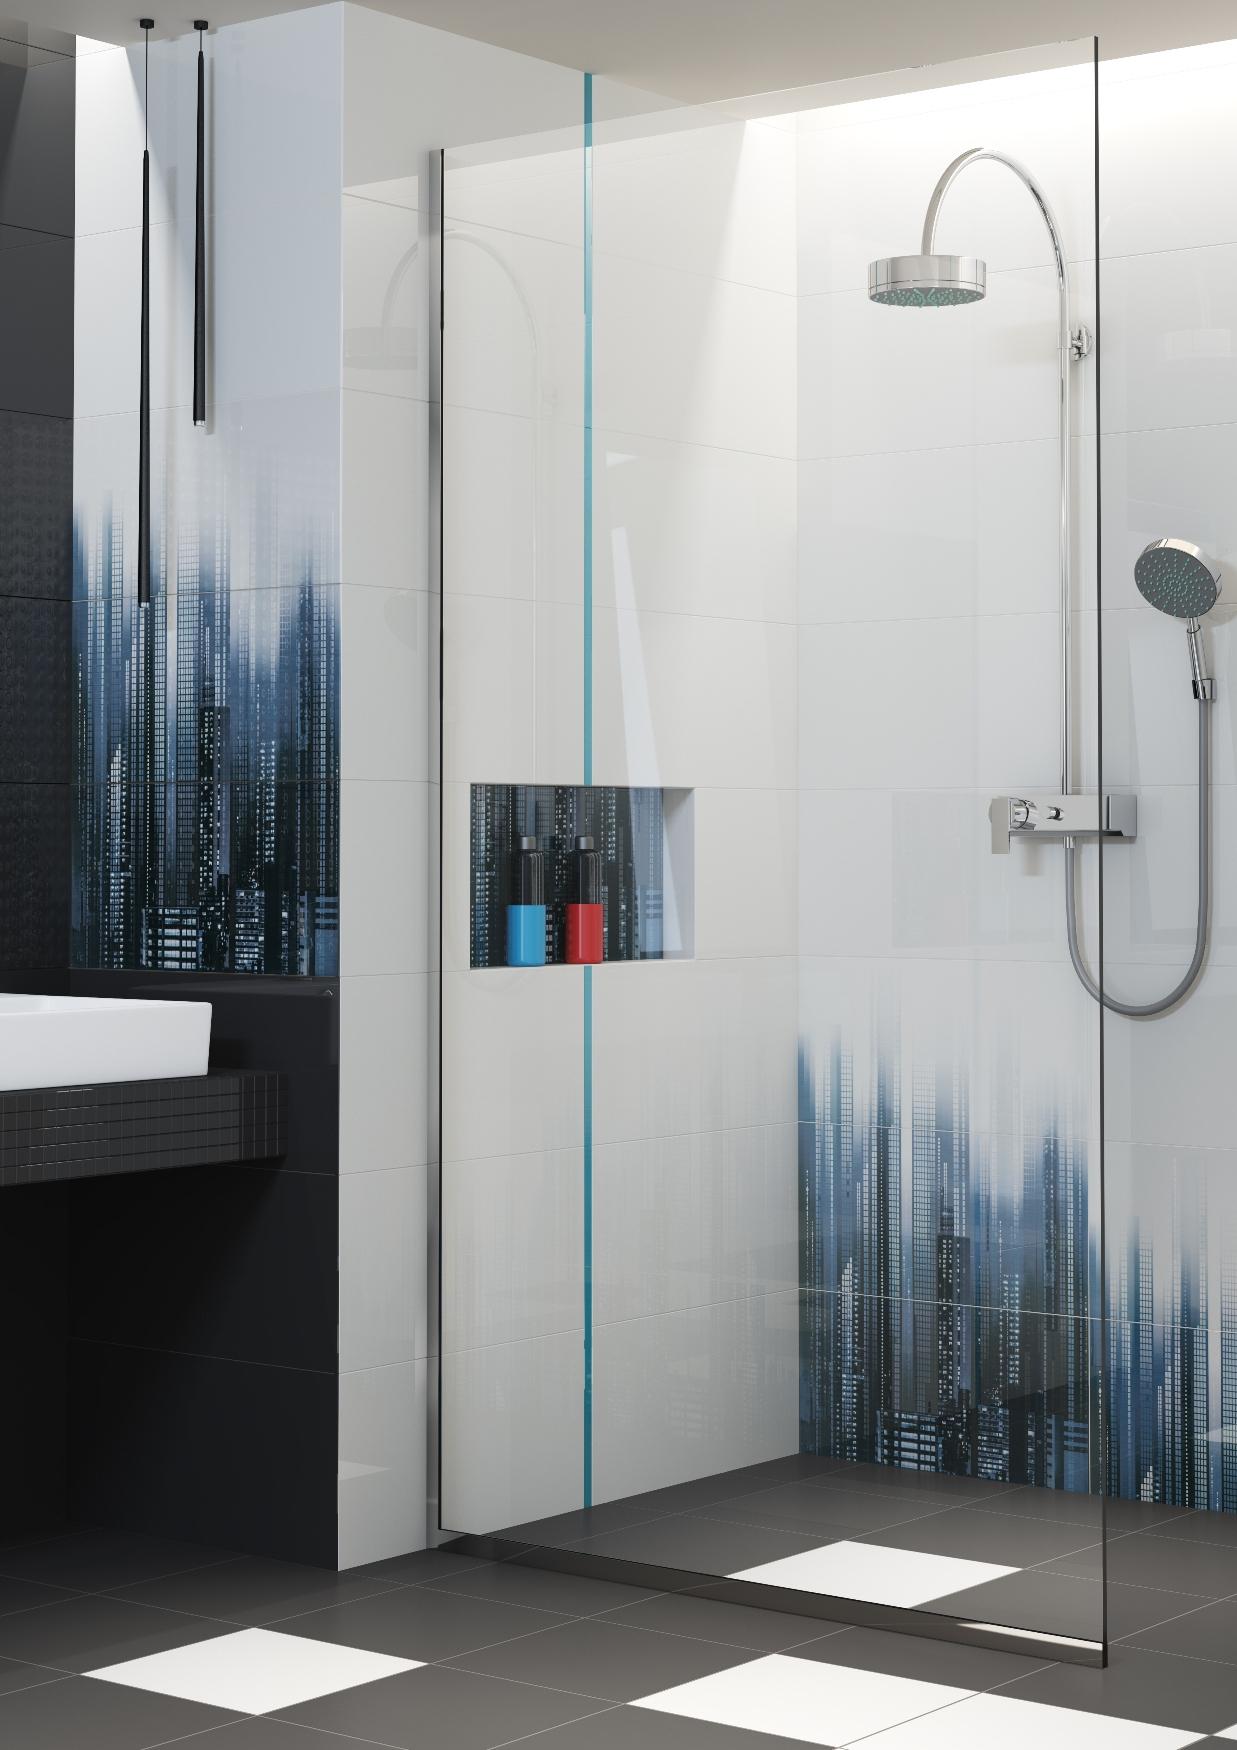 Czarno Biała łazienka Inspiracje świat Na Obcasach